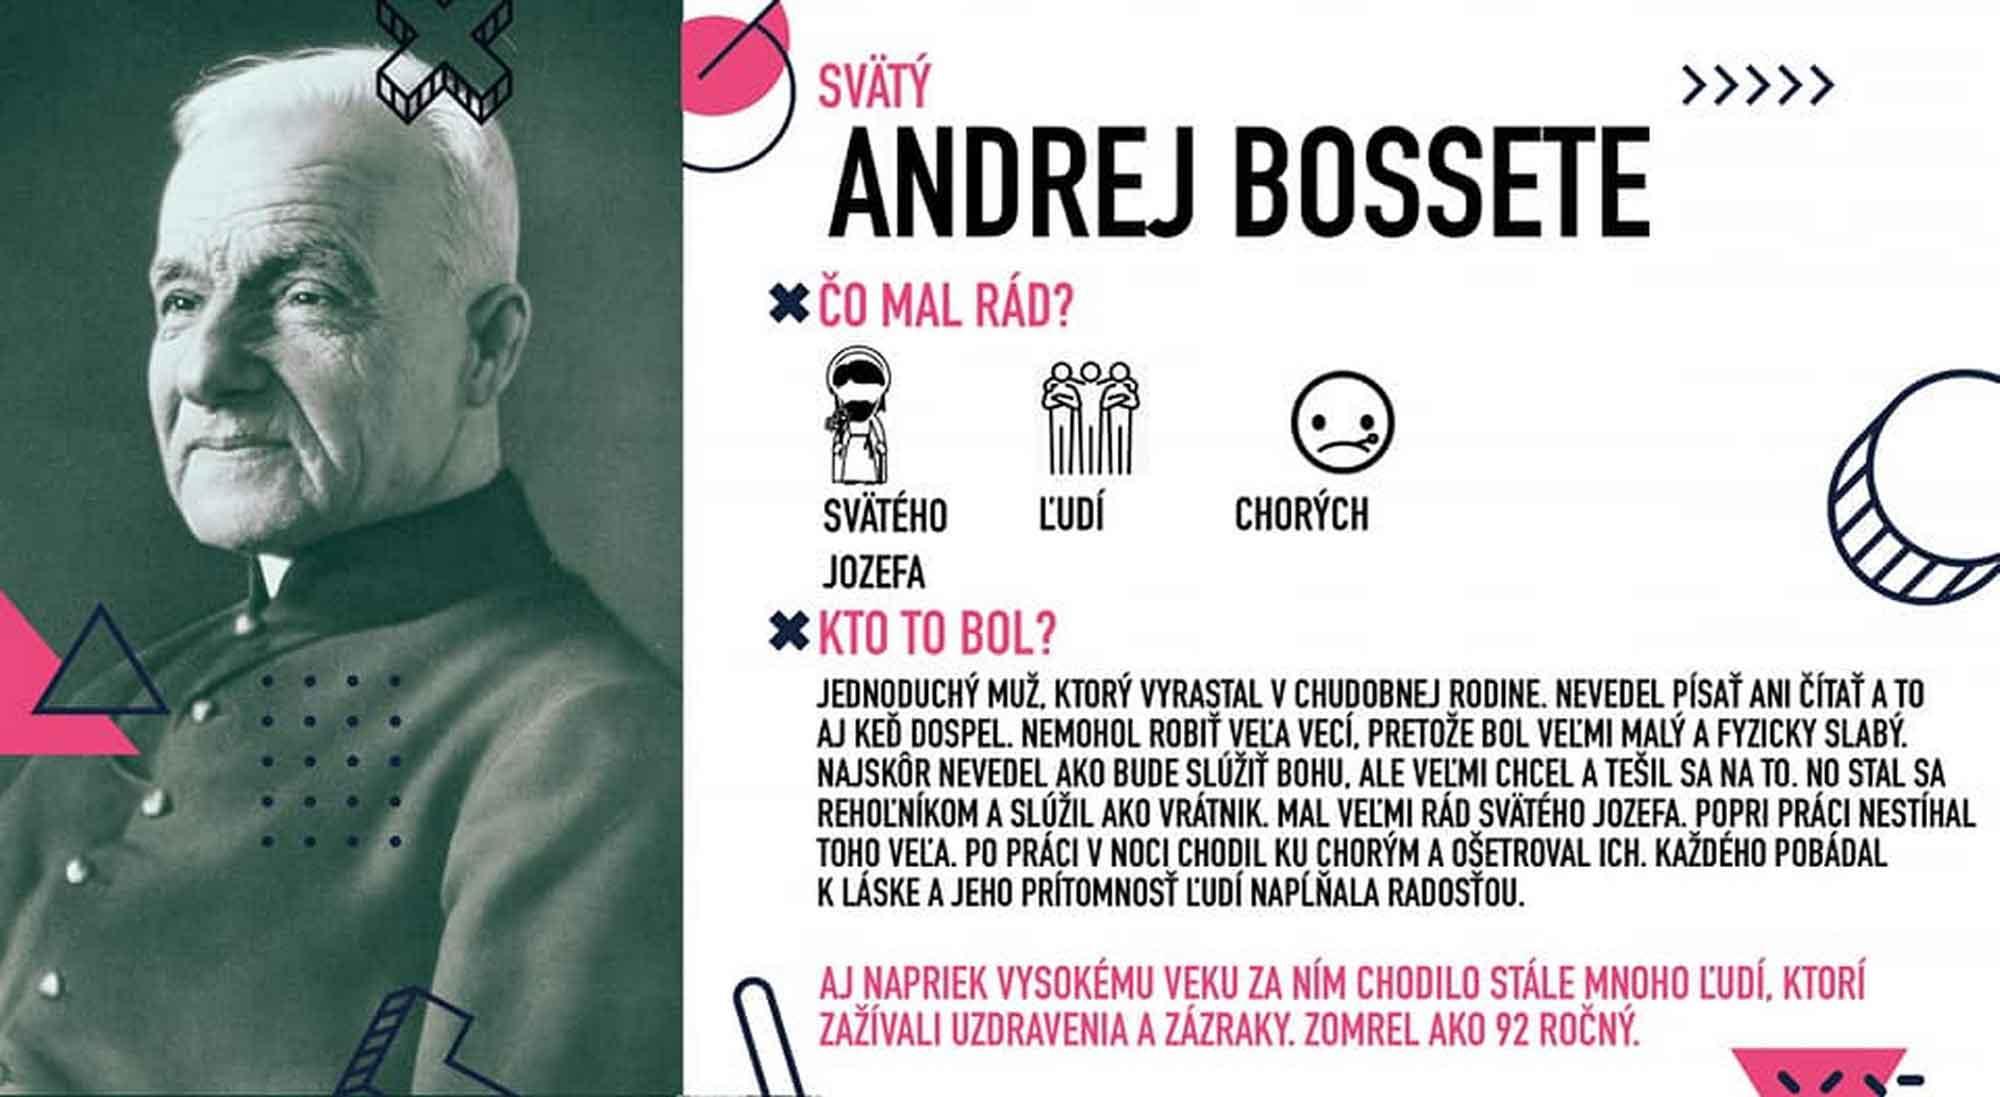 Andrej Bossete